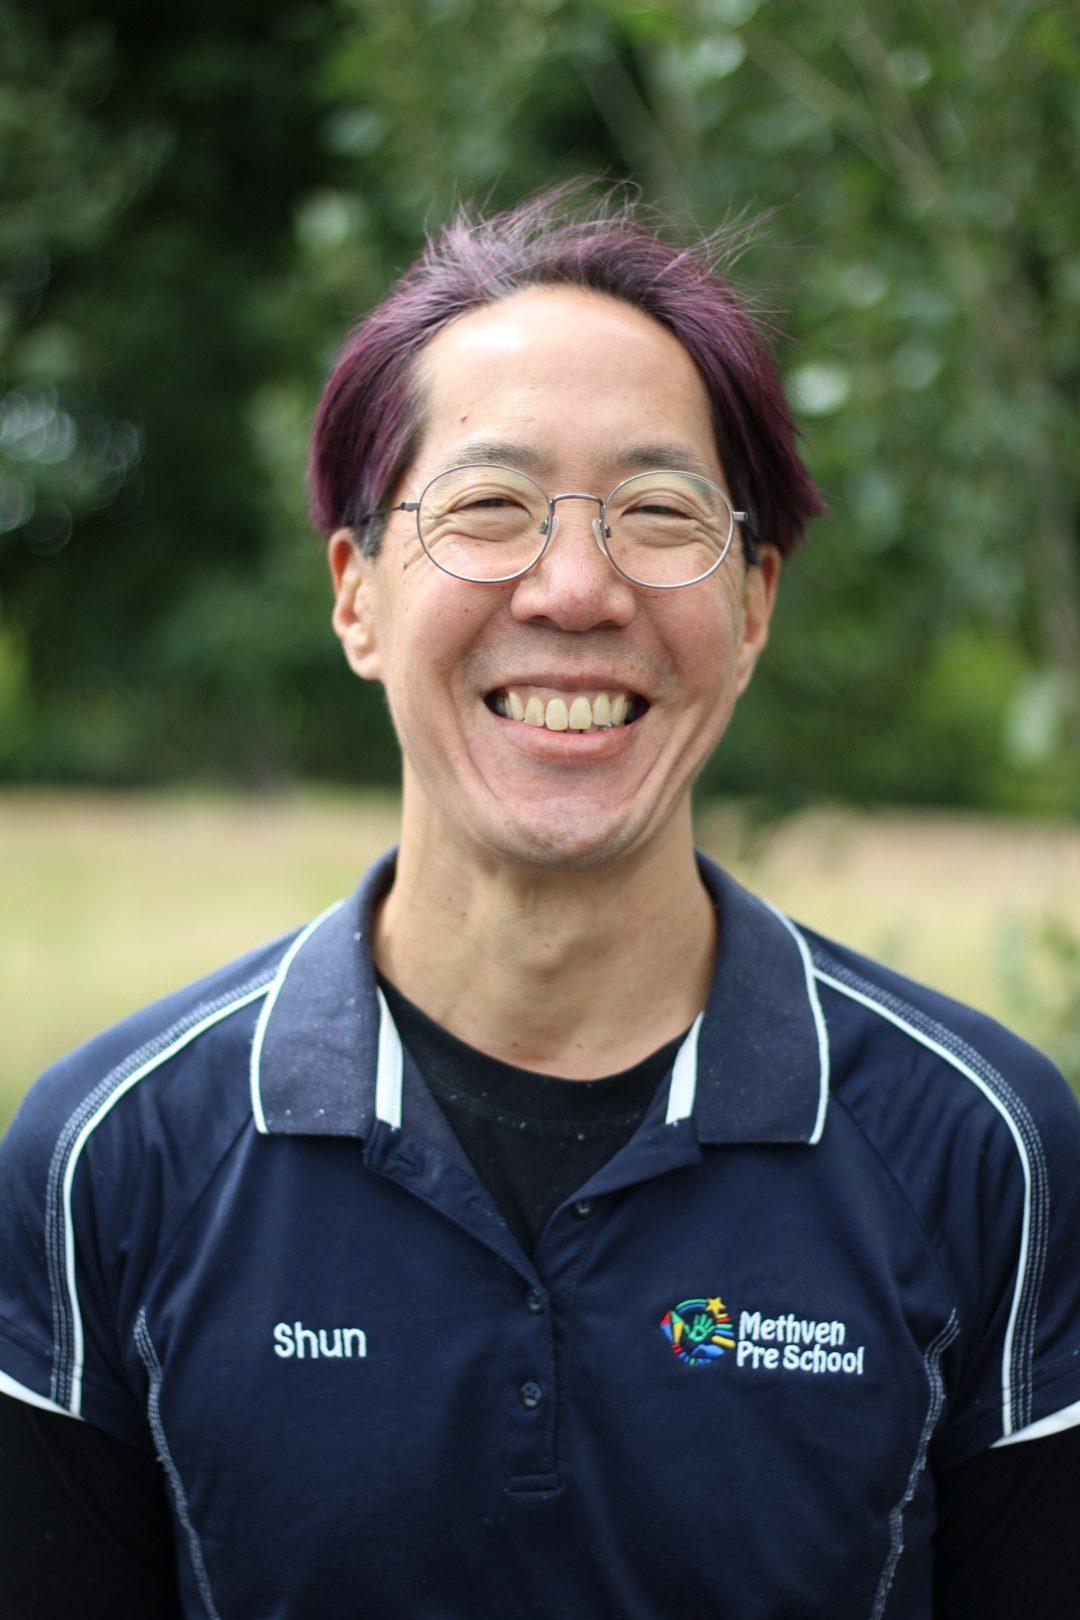 Shun Koizumi